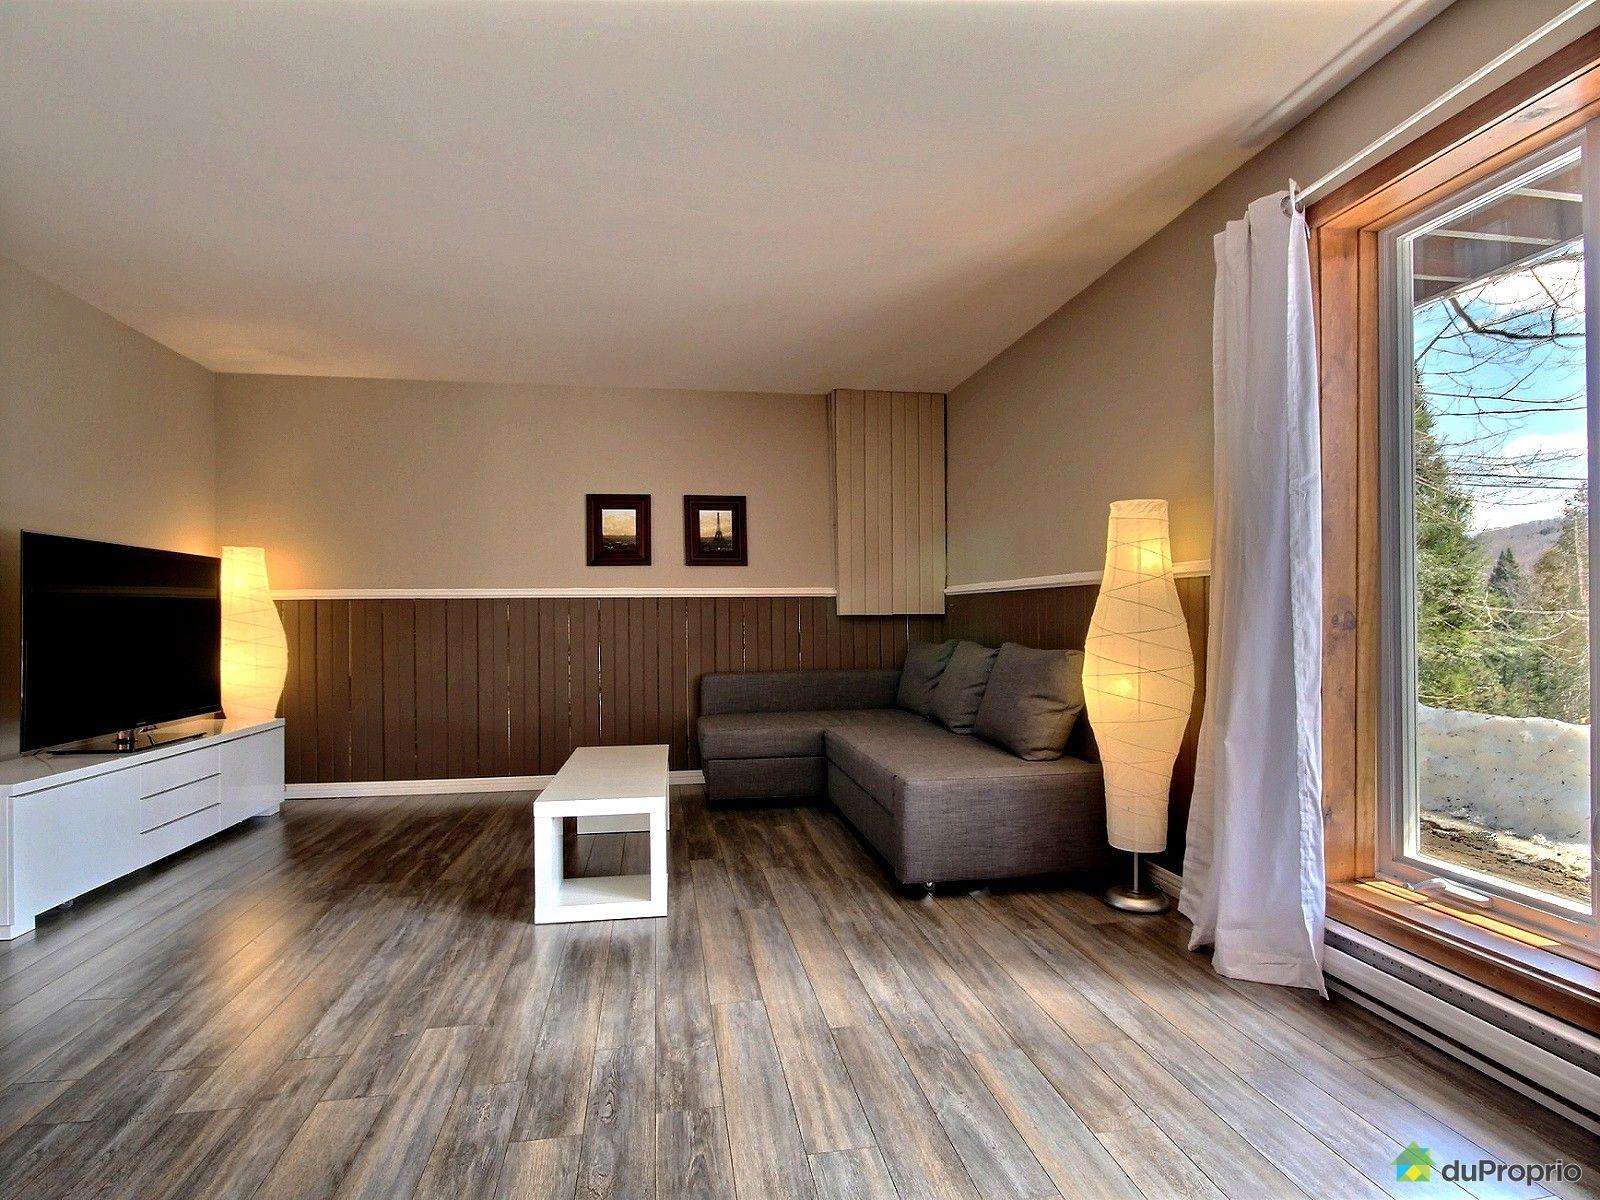 bungalow sur lev vendu st sauveur immobilier qu bec duproprio 265314. Black Bedroom Furniture Sets. Home Design Ideas